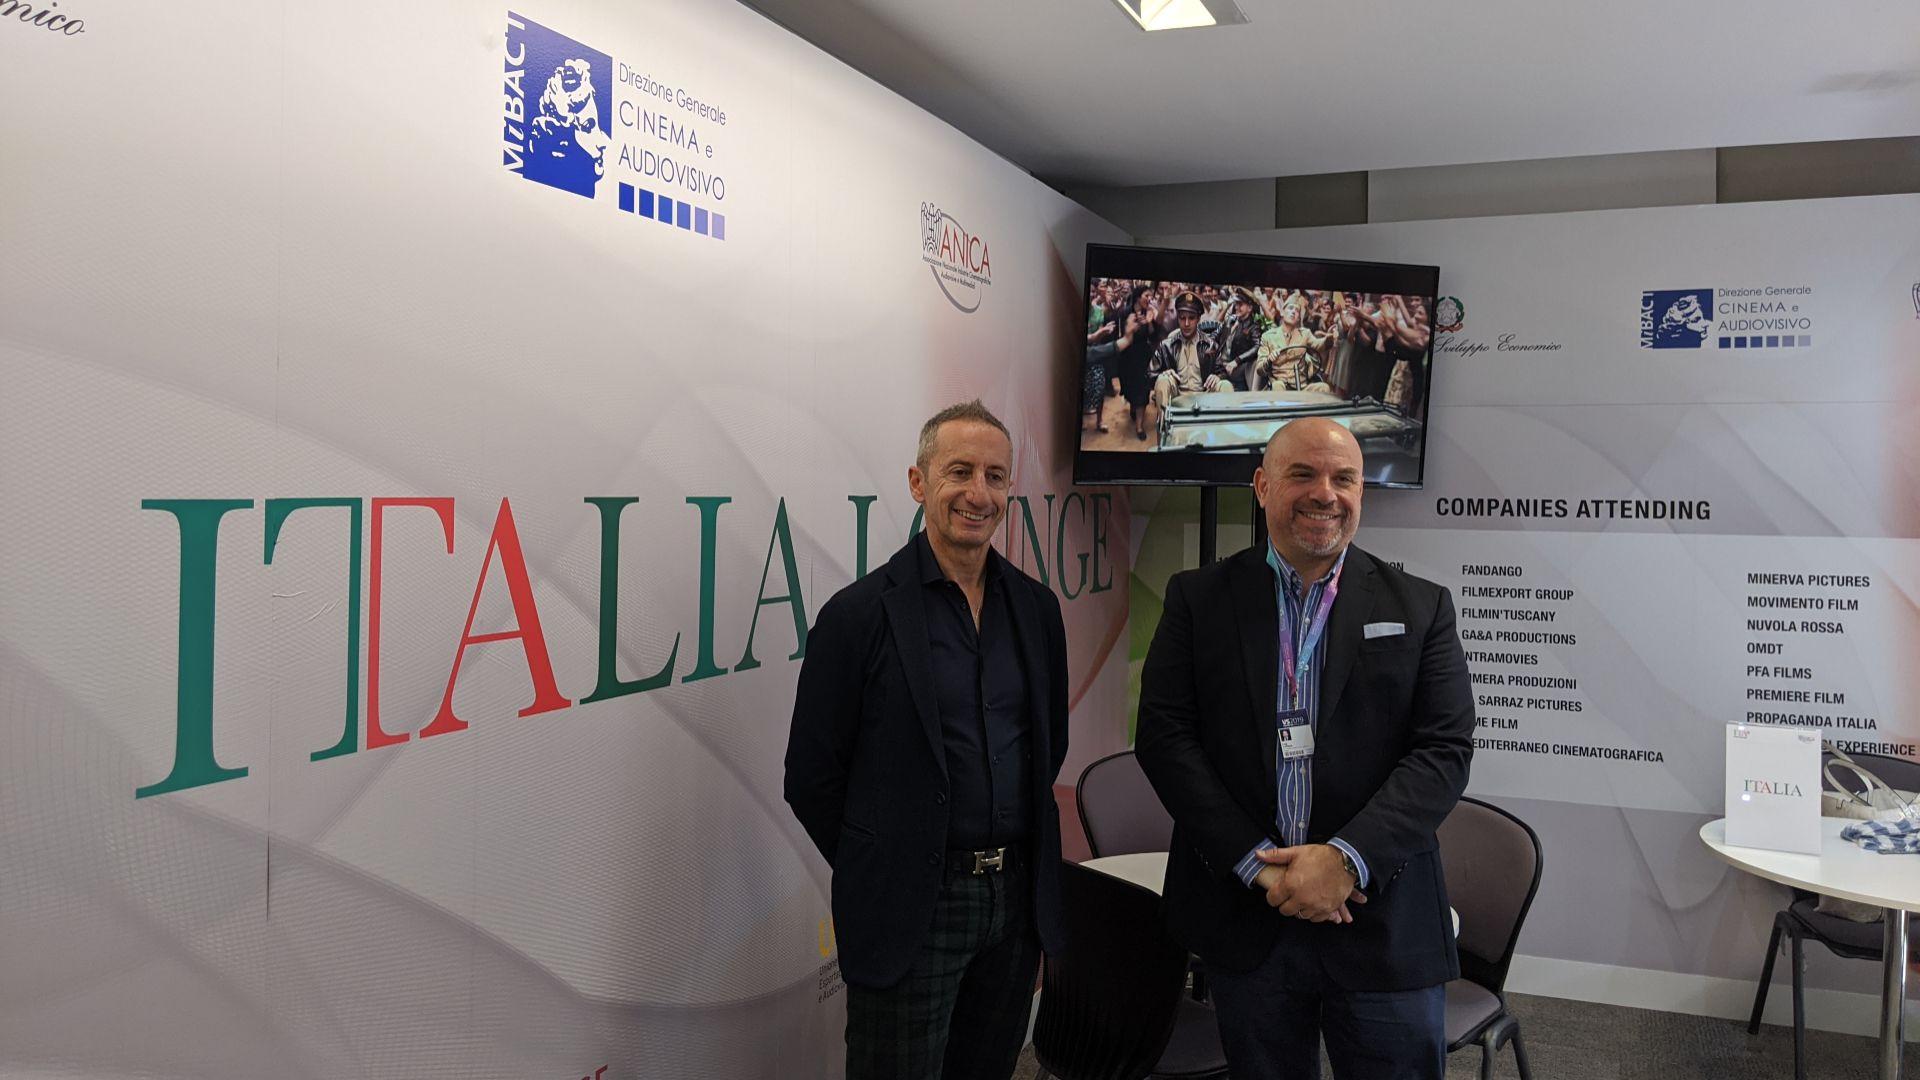 """El miércoles 4 en el Edificio San José de la UCA tendrá lugar la """"Conferencia del Sistema Audiovisual de Italia"""" en el marco de Ventana Sur 2019"""